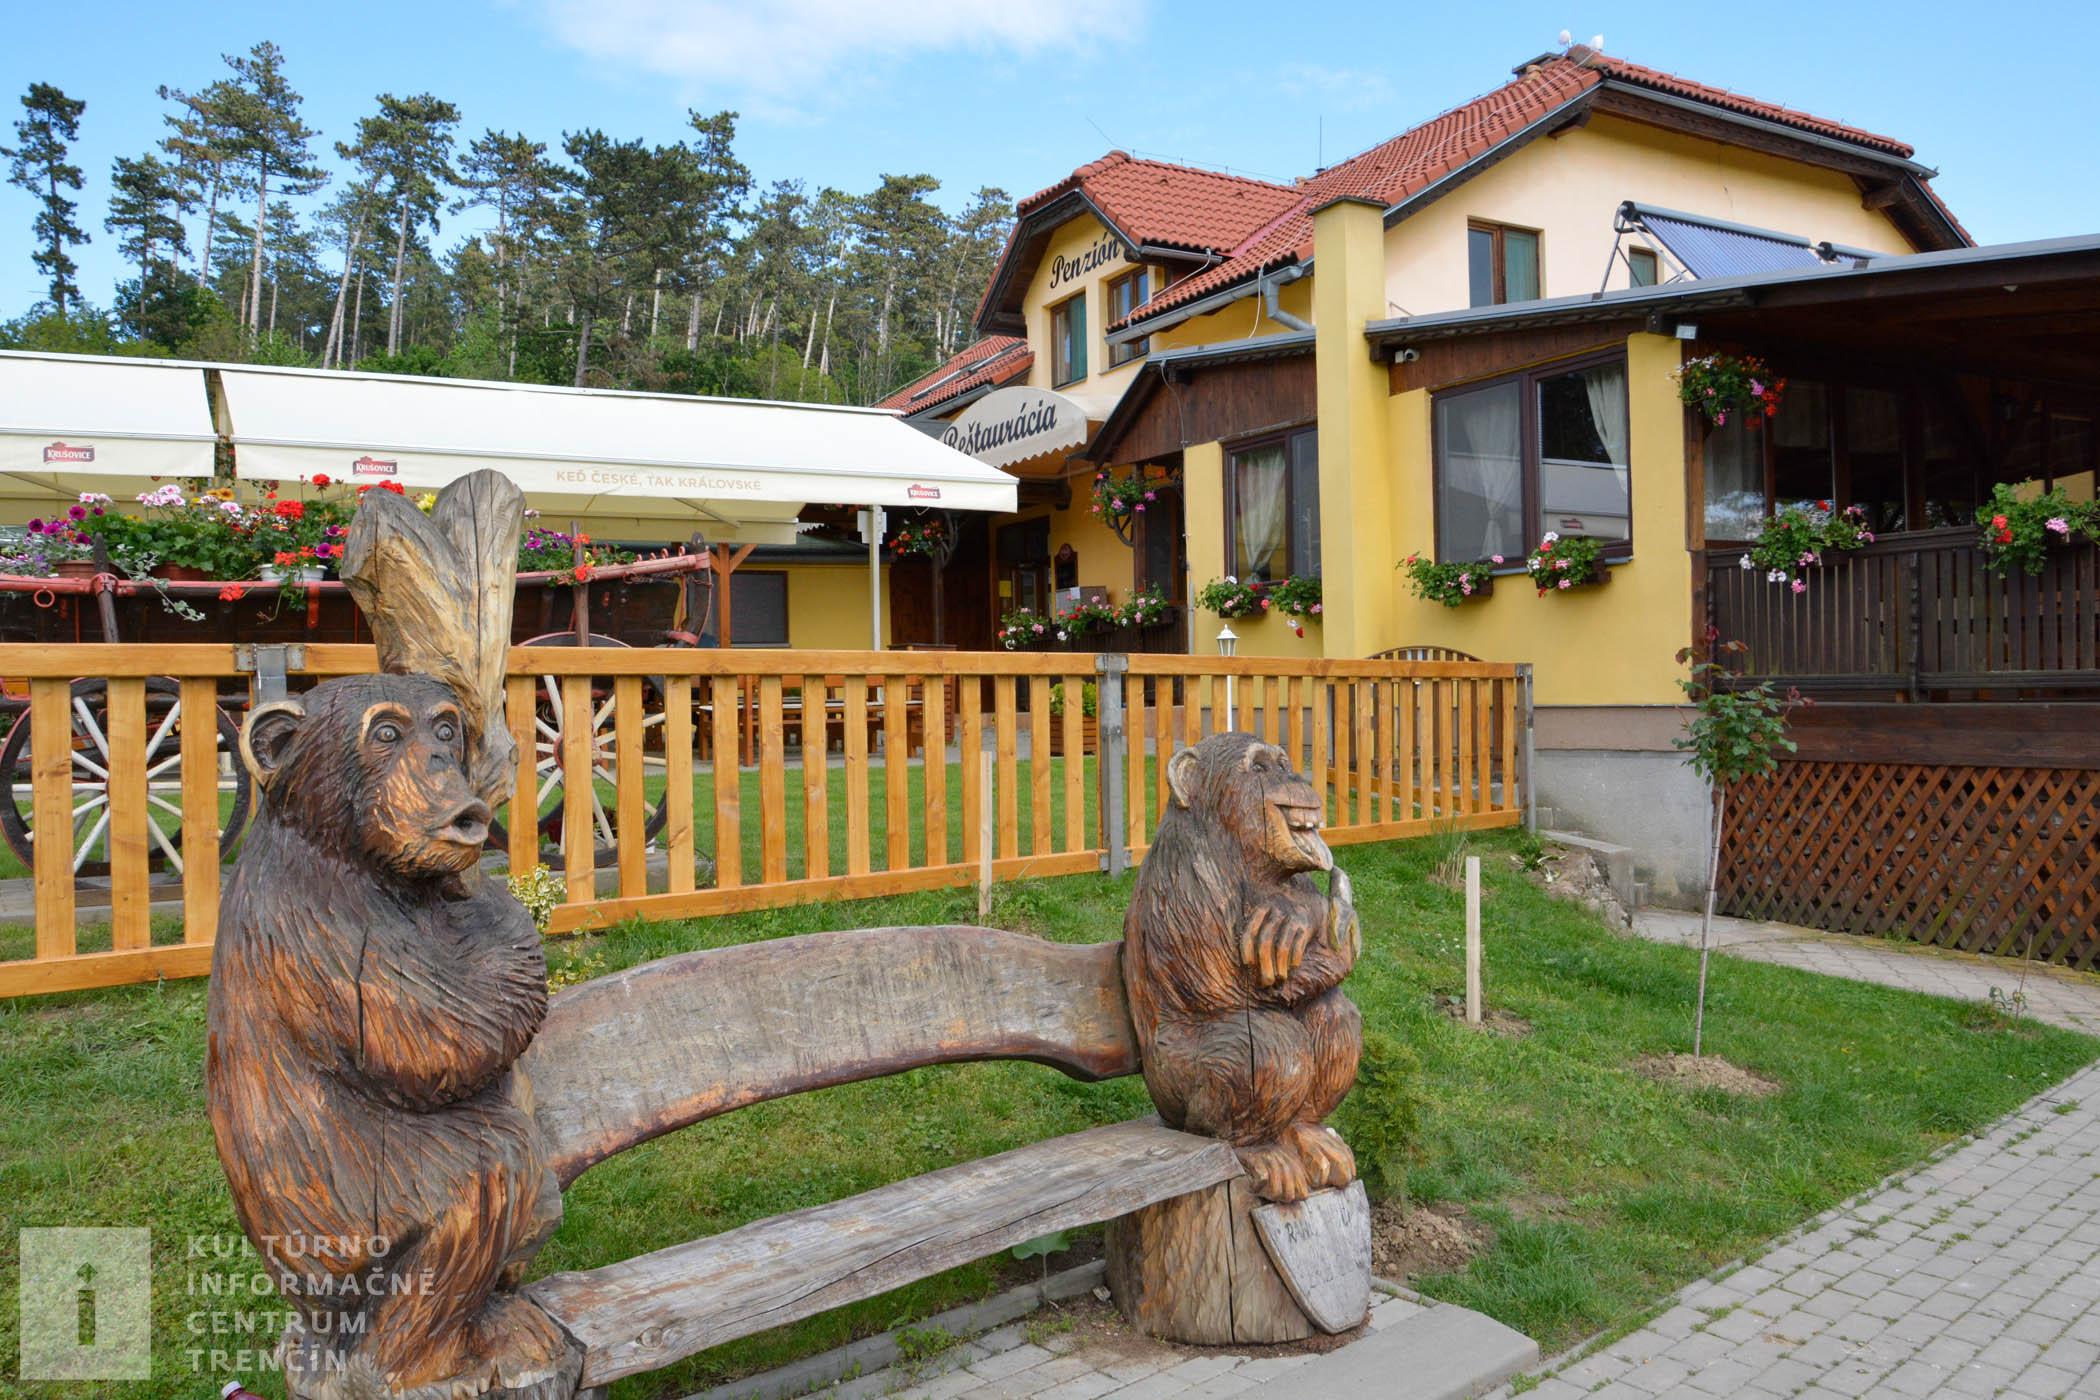 Živé alebo drevené zvieratká vás vítajú na každom kroku